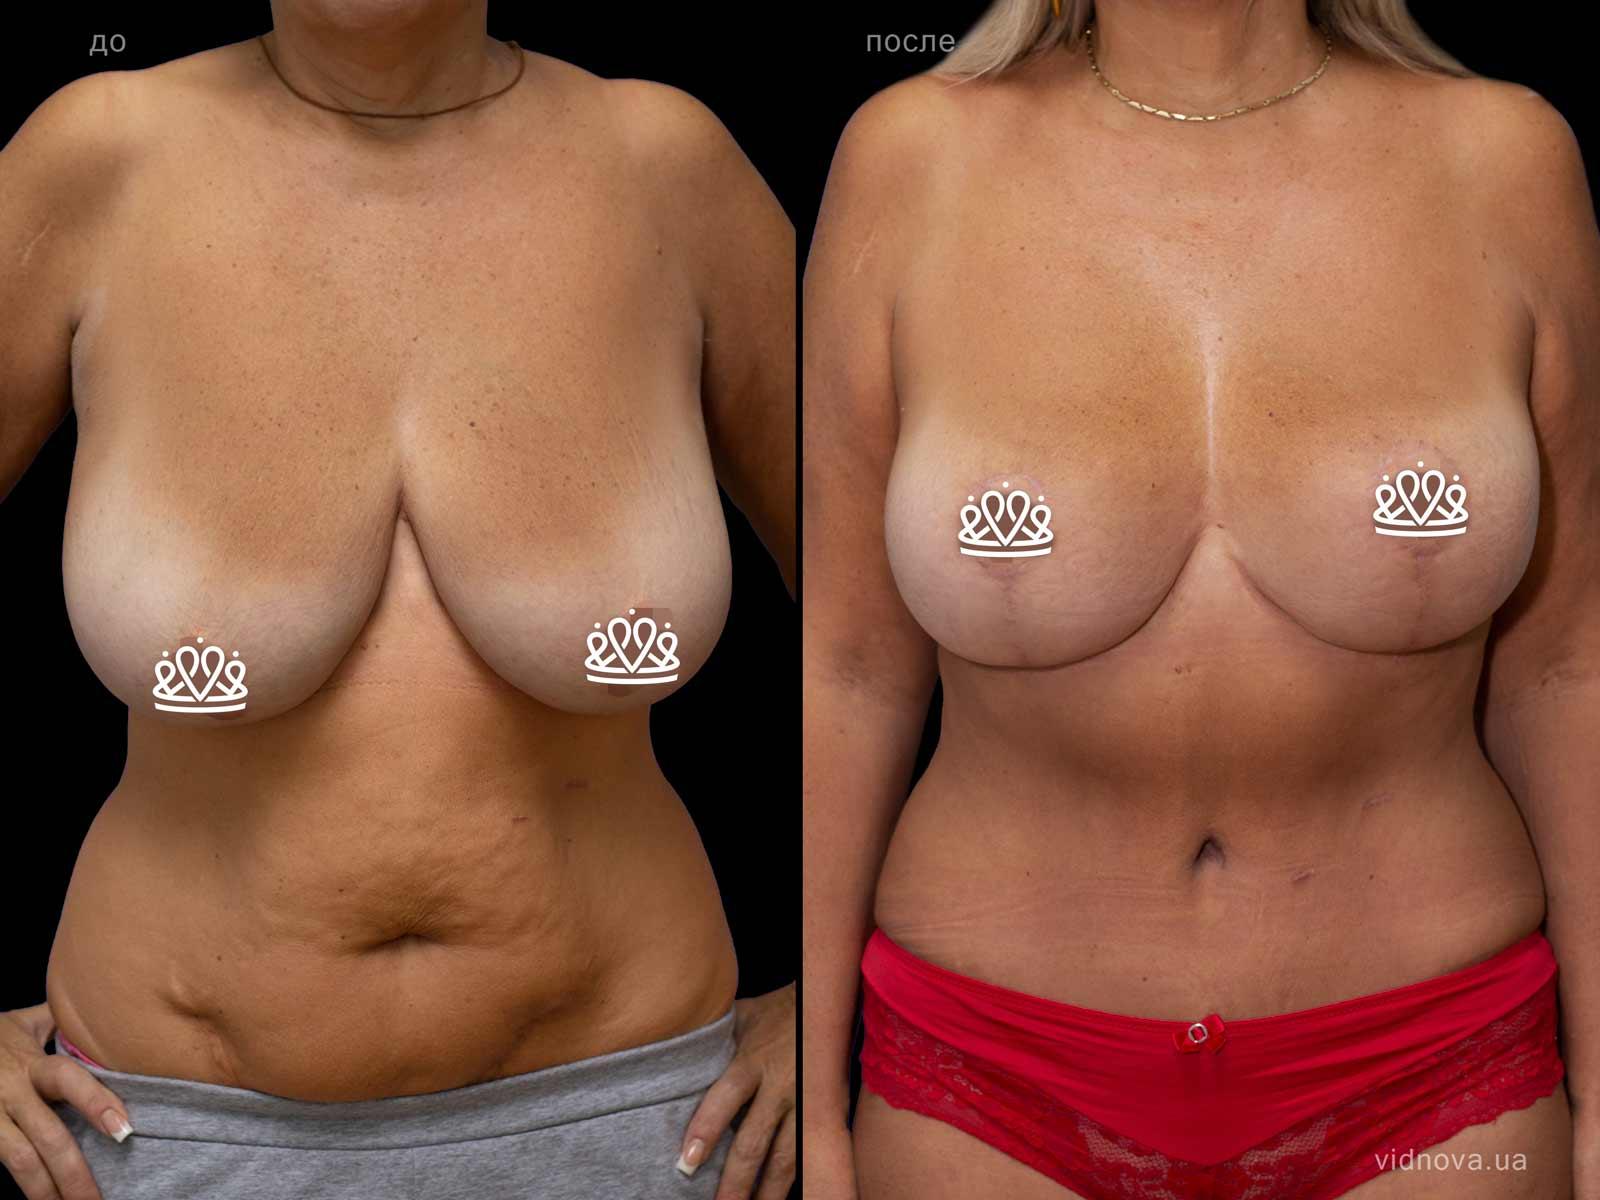 Пластика груди: результаты до и после - Пример №114-0 - Светлана Работенко